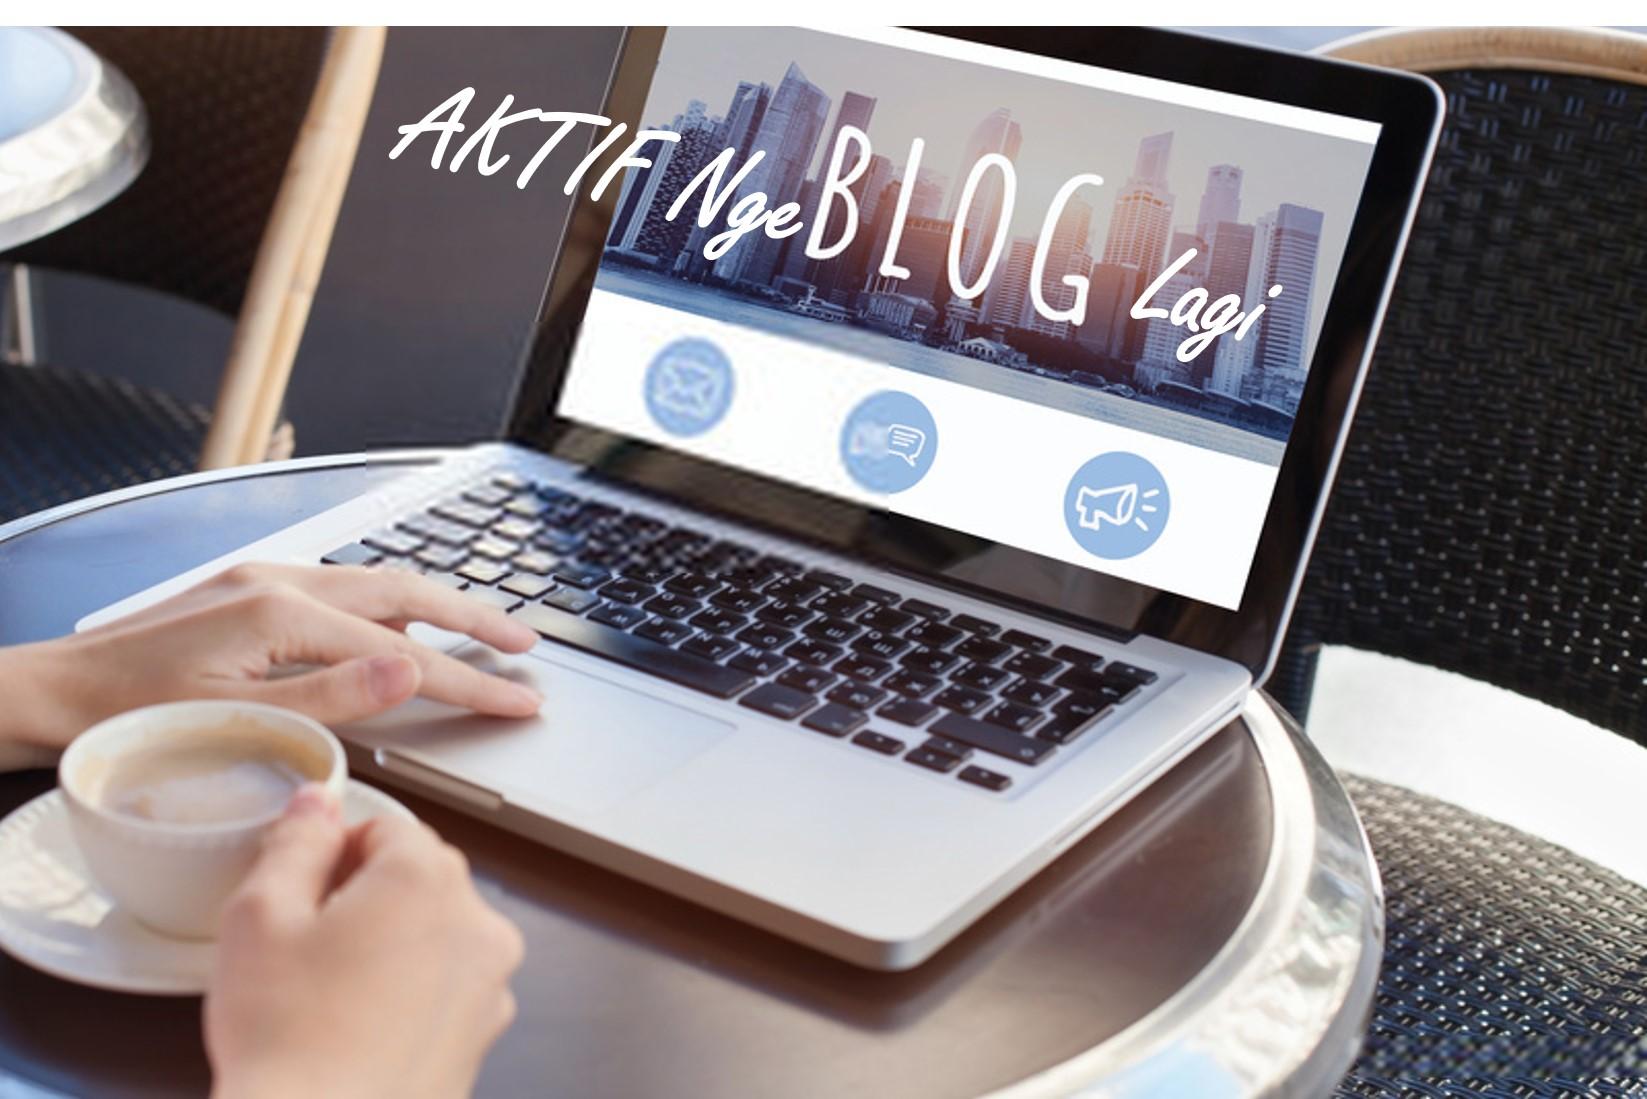 Aktif Ngeblog Lagi